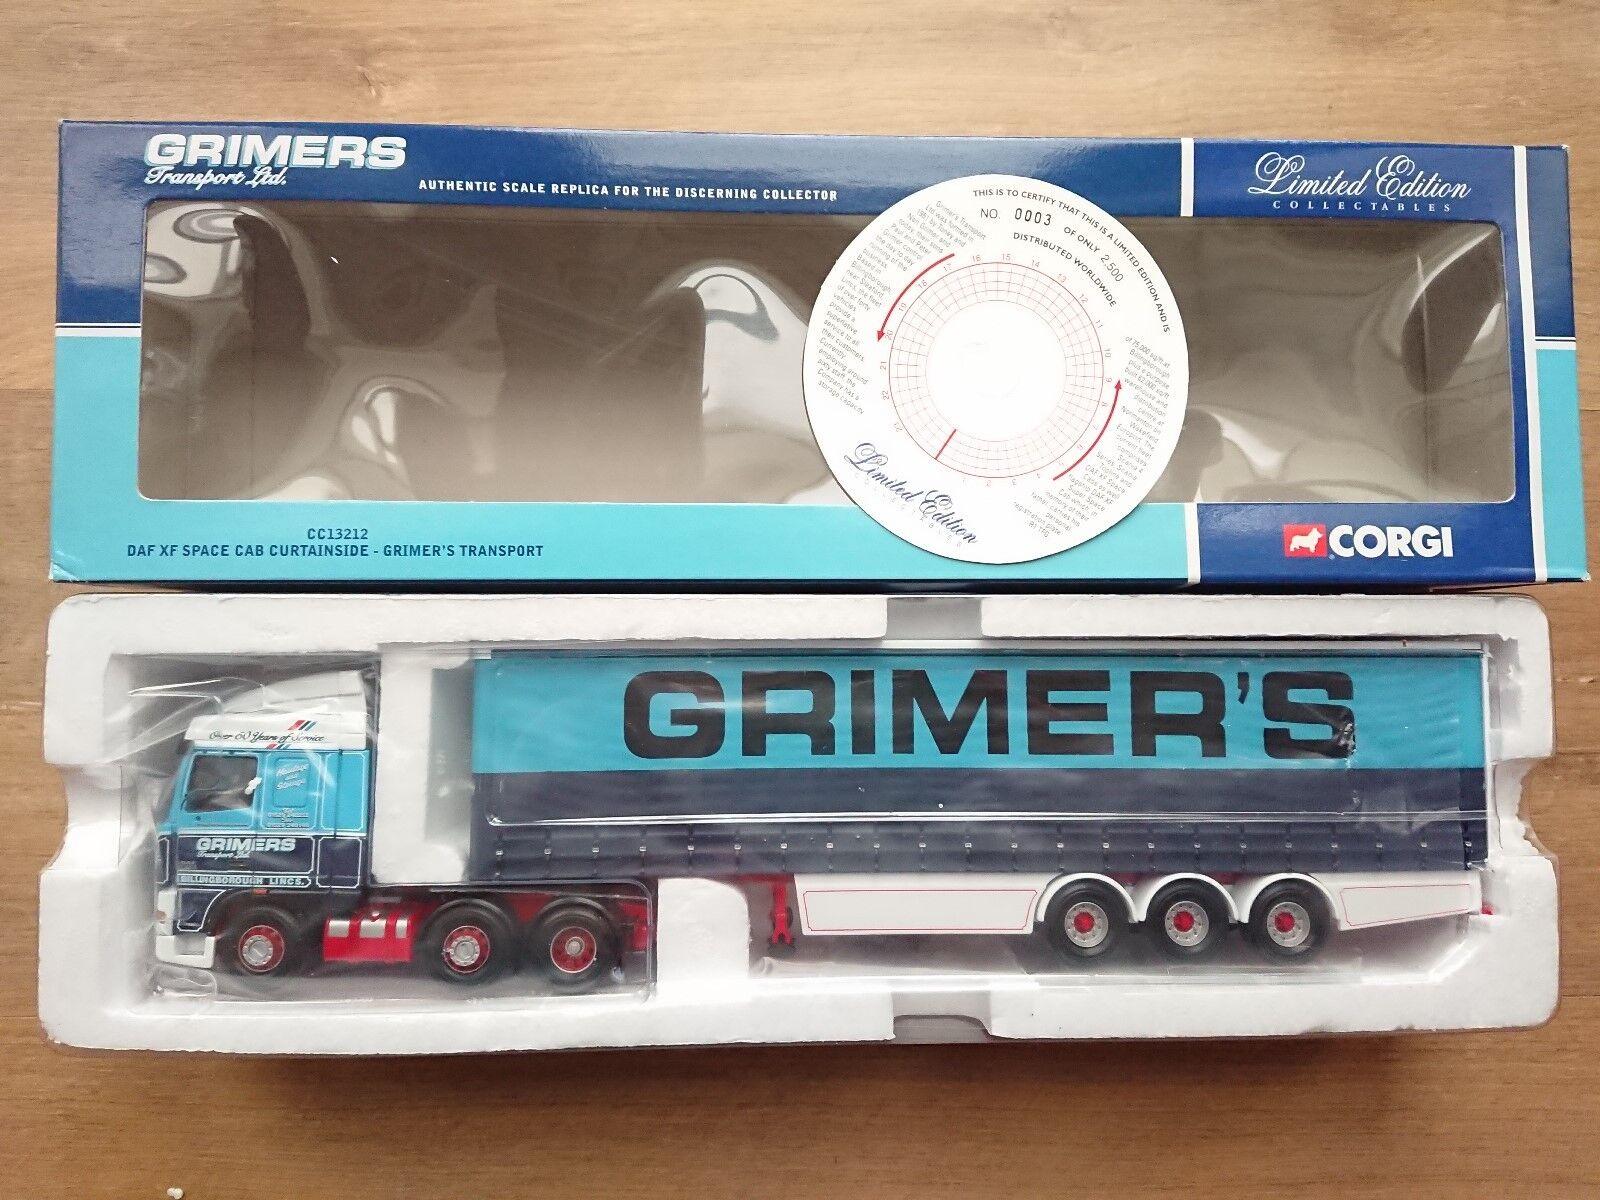 Corgi CC13212 DAF XF espacio Cab Curtainside grimers transporte Ltd Ed 0003 de 2500